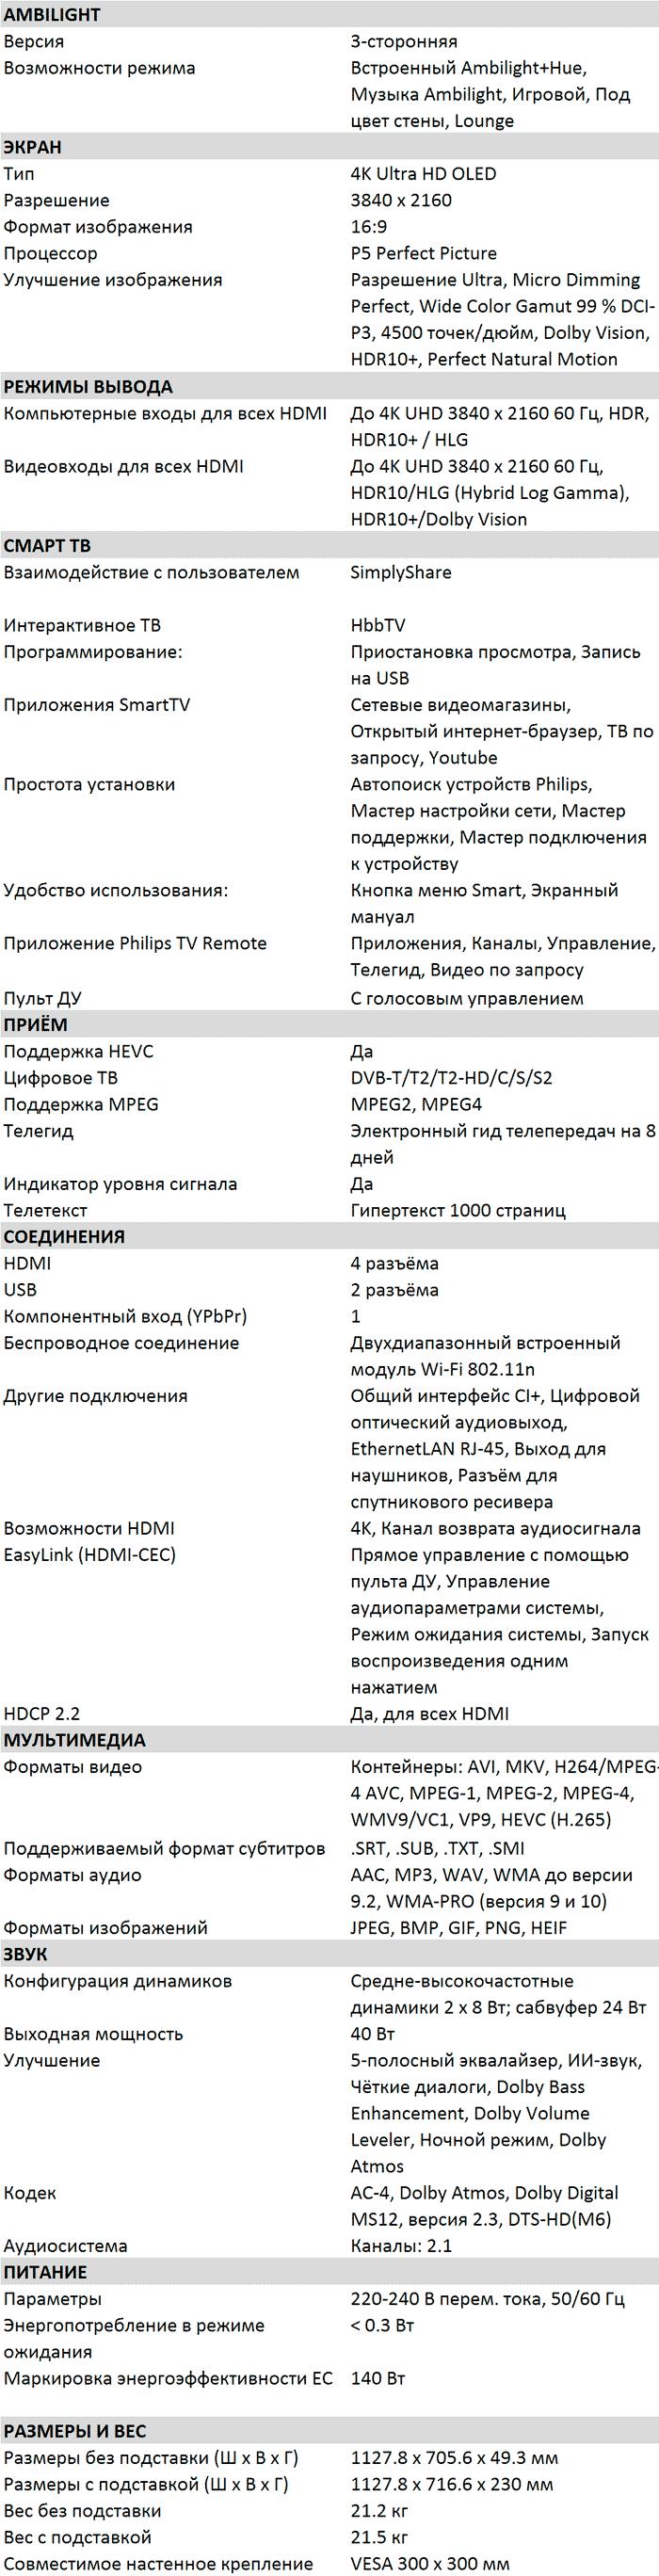 Характеристики OLED754